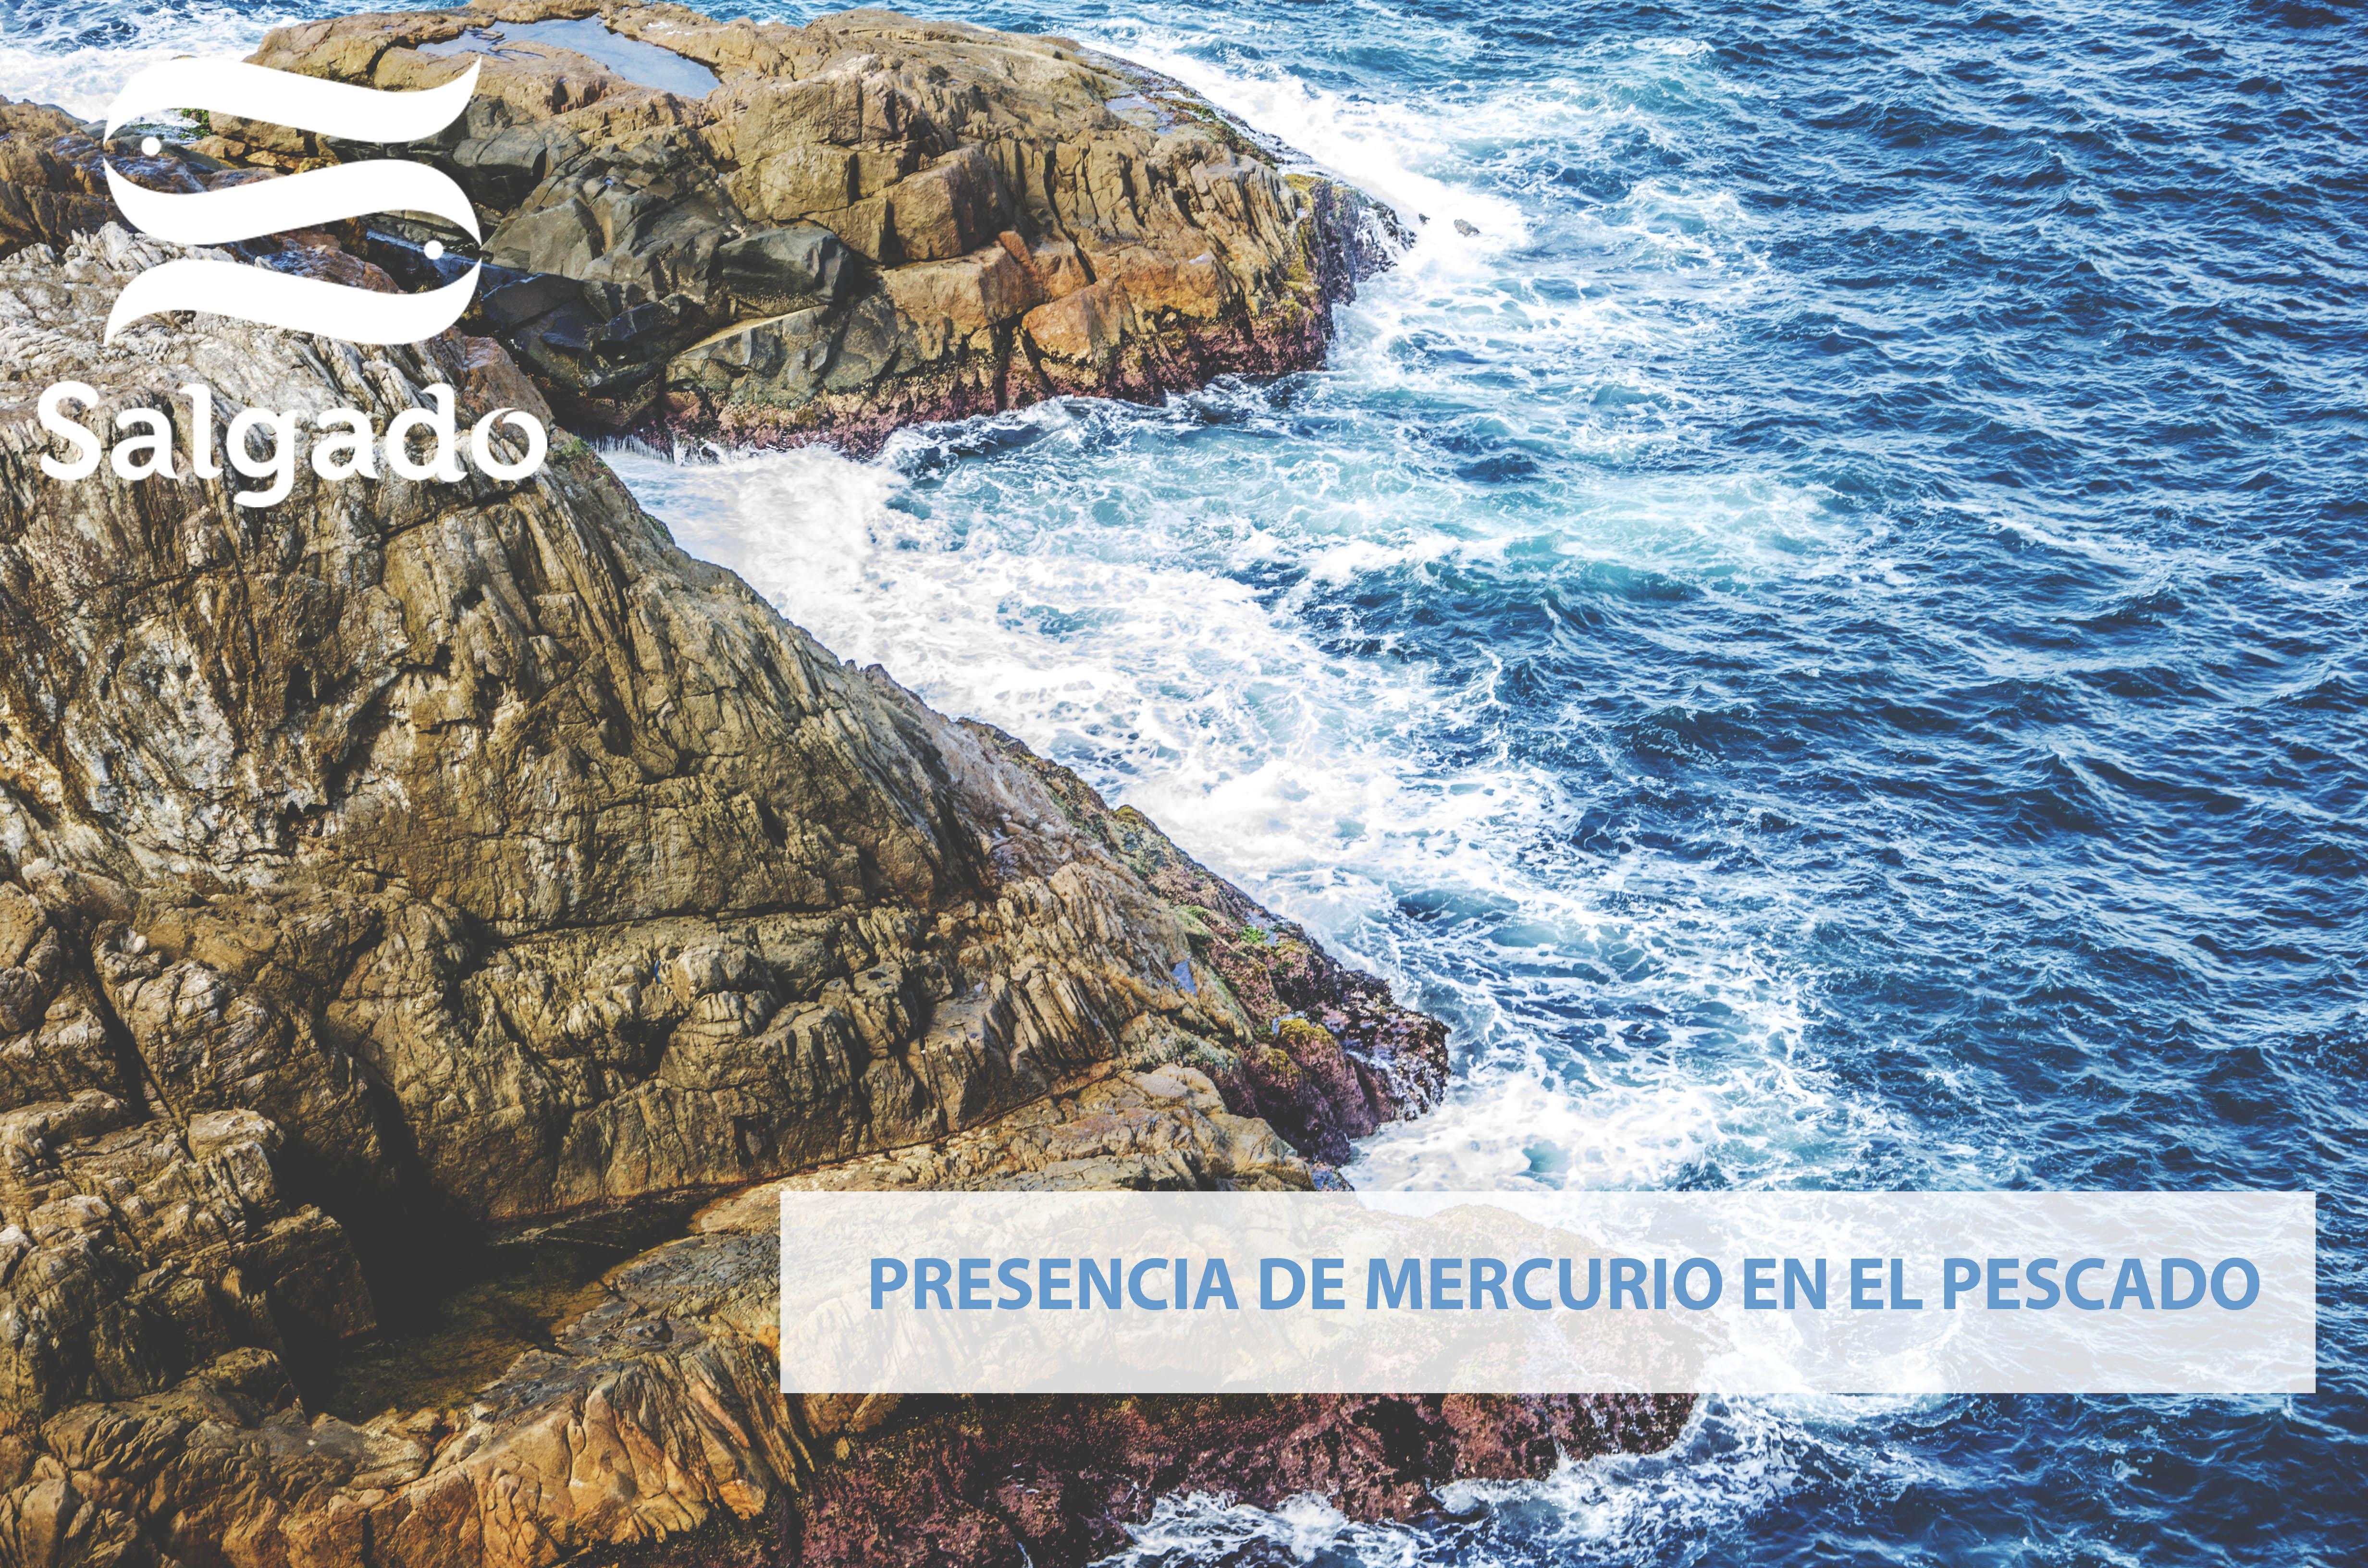 Presencia de mercurio en el pescado